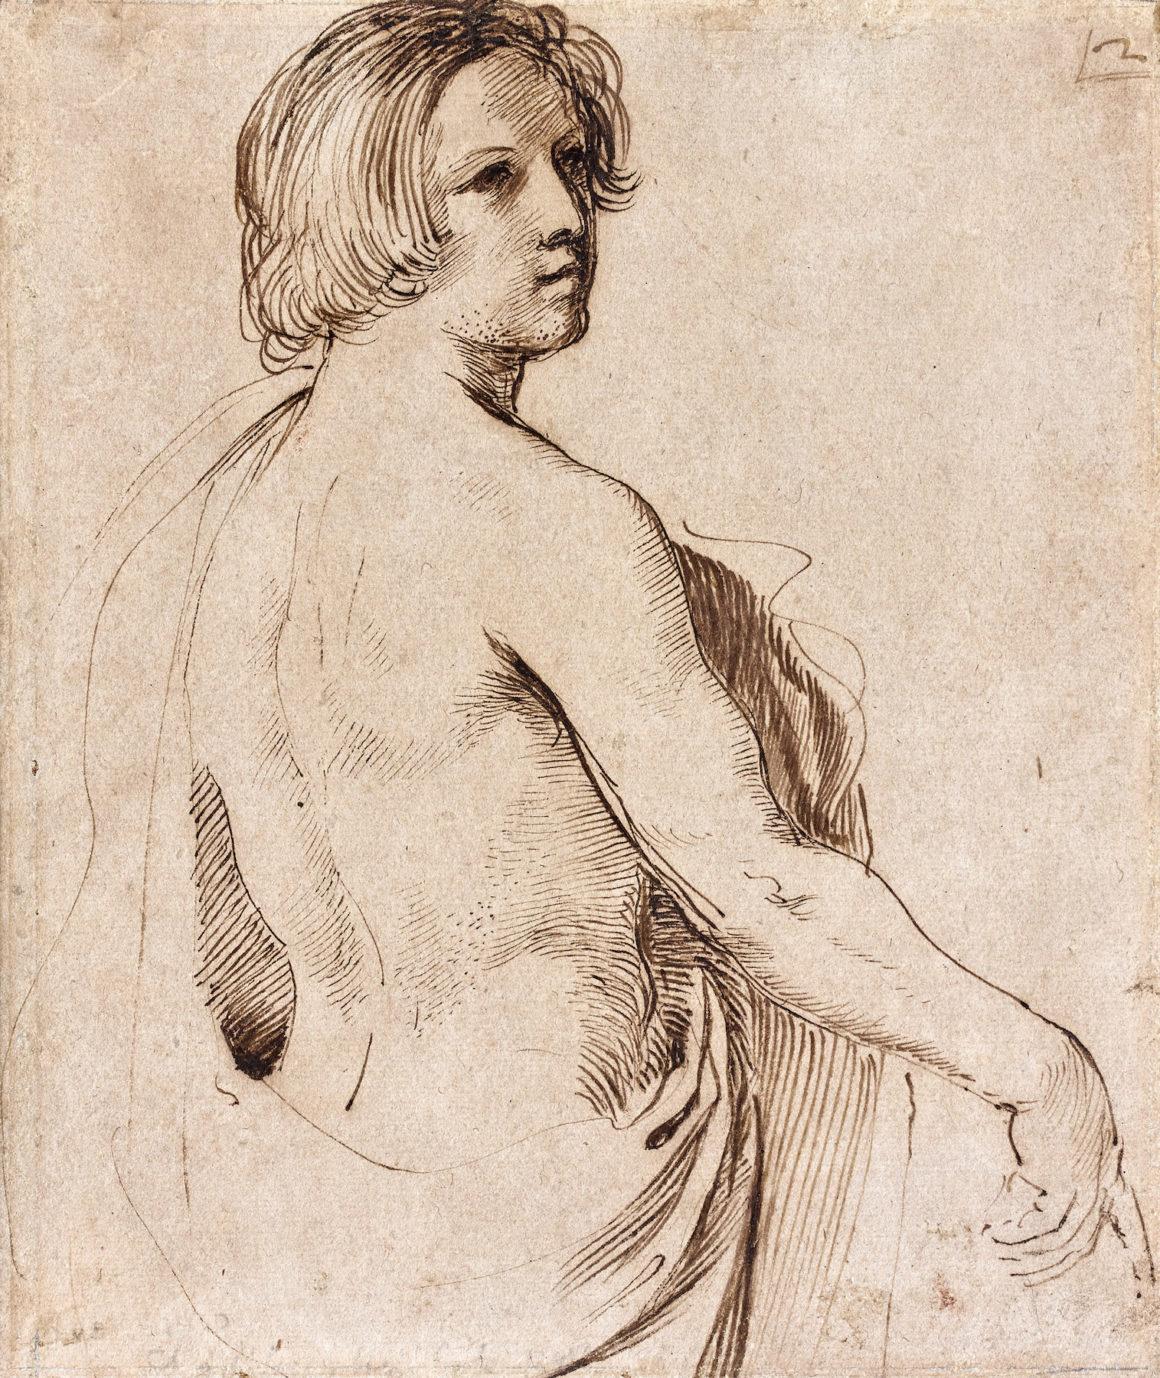 Giovanni Francesco Barbieri, dit Le Guerchin Jeune homme vu à mi-corps regardant au-dessus de son épaule droite Plume et encre brune 222 x 185 mm Inscrit à la plume et encre brune en haut à droite: 2